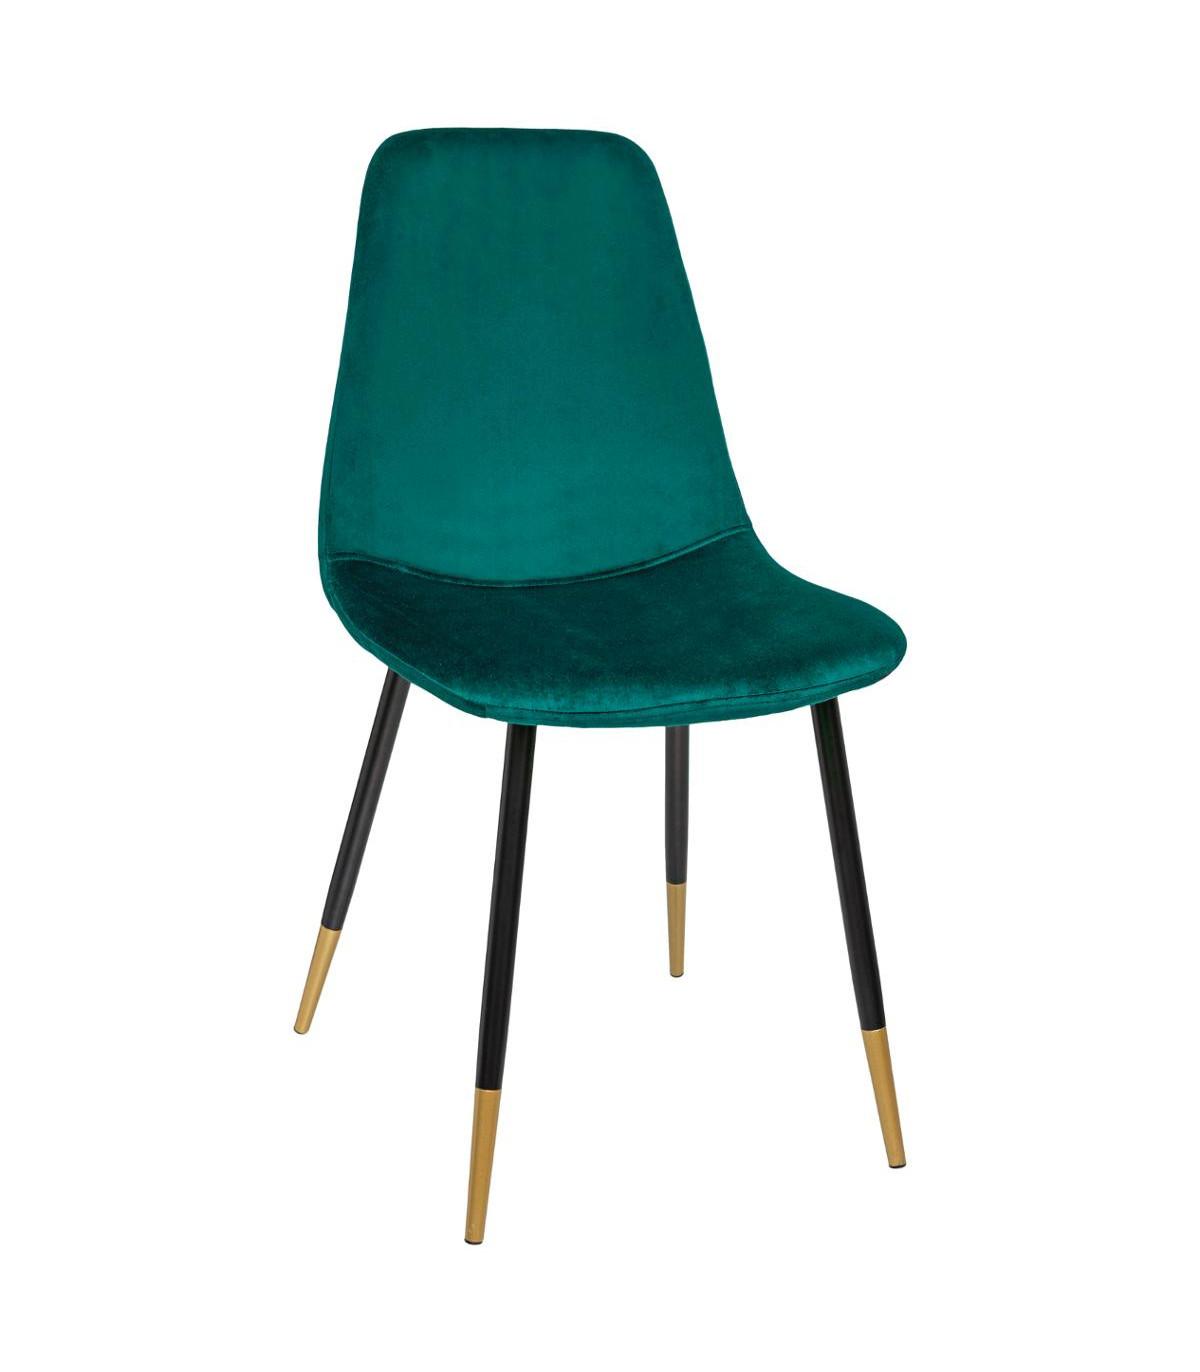 chaise-tyka-en-velours-vert-et-pieds-en-metal-noir-finition-doree-h-86-cm